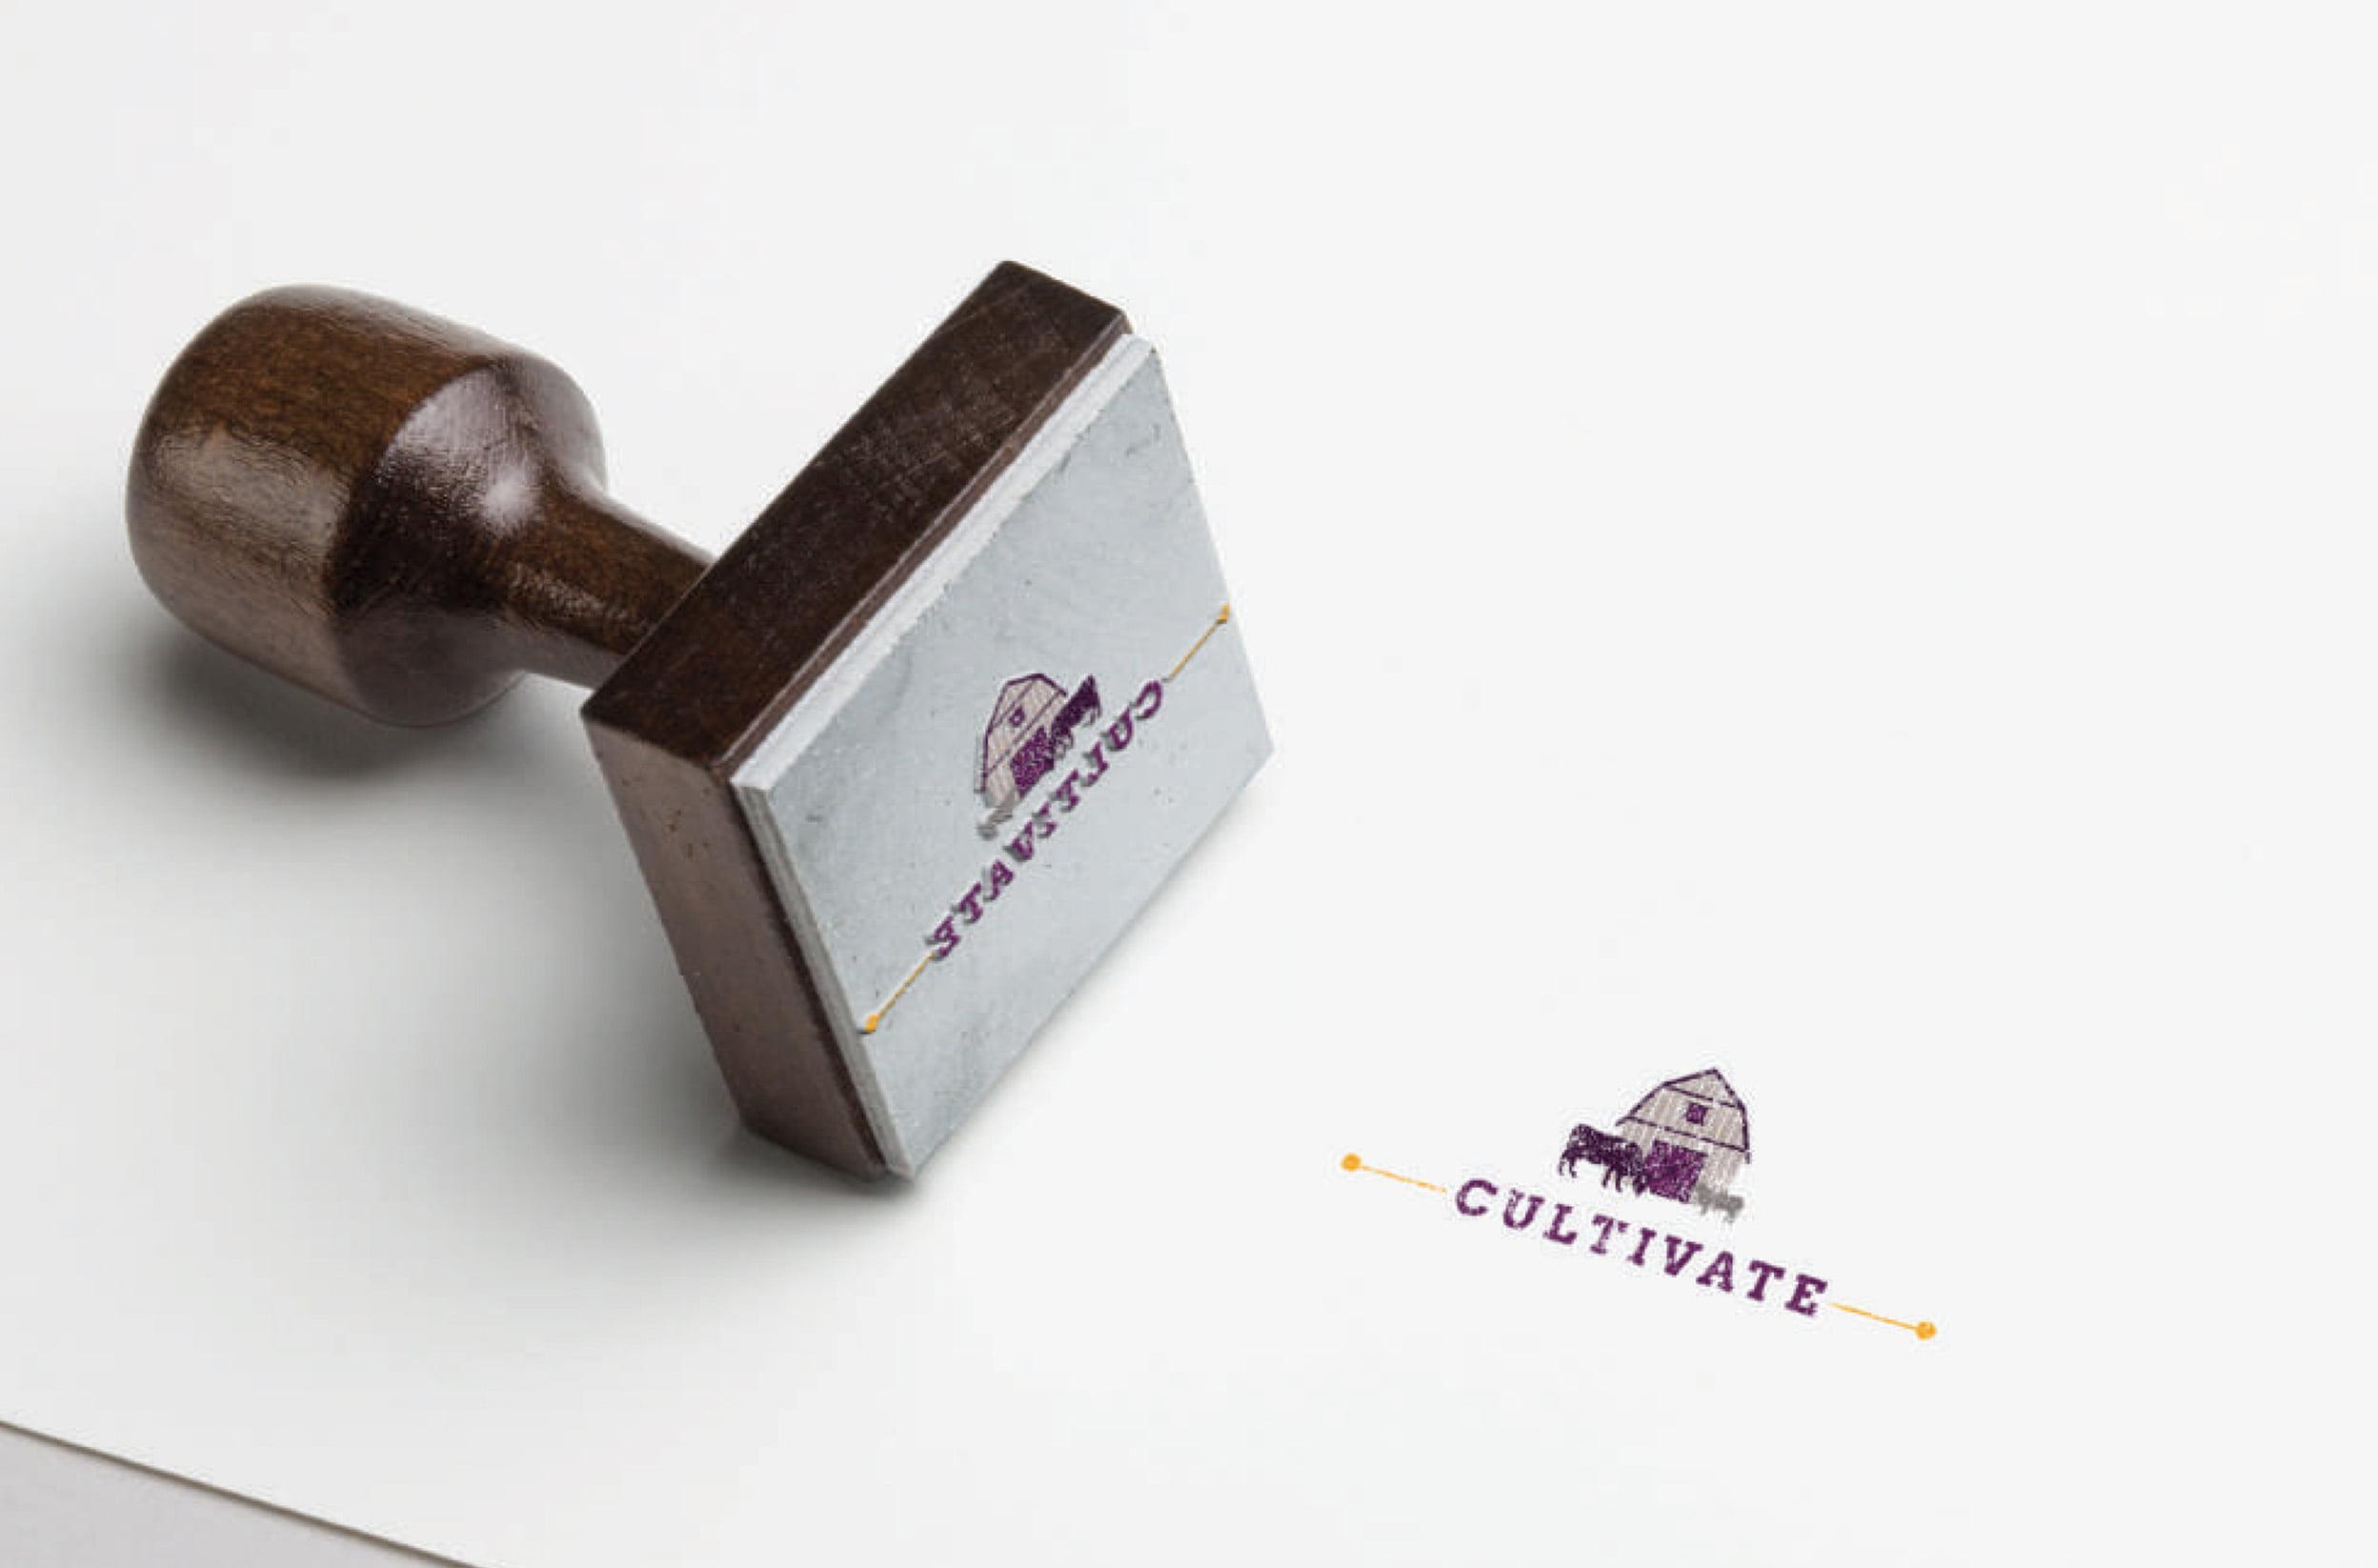 cultivate-3